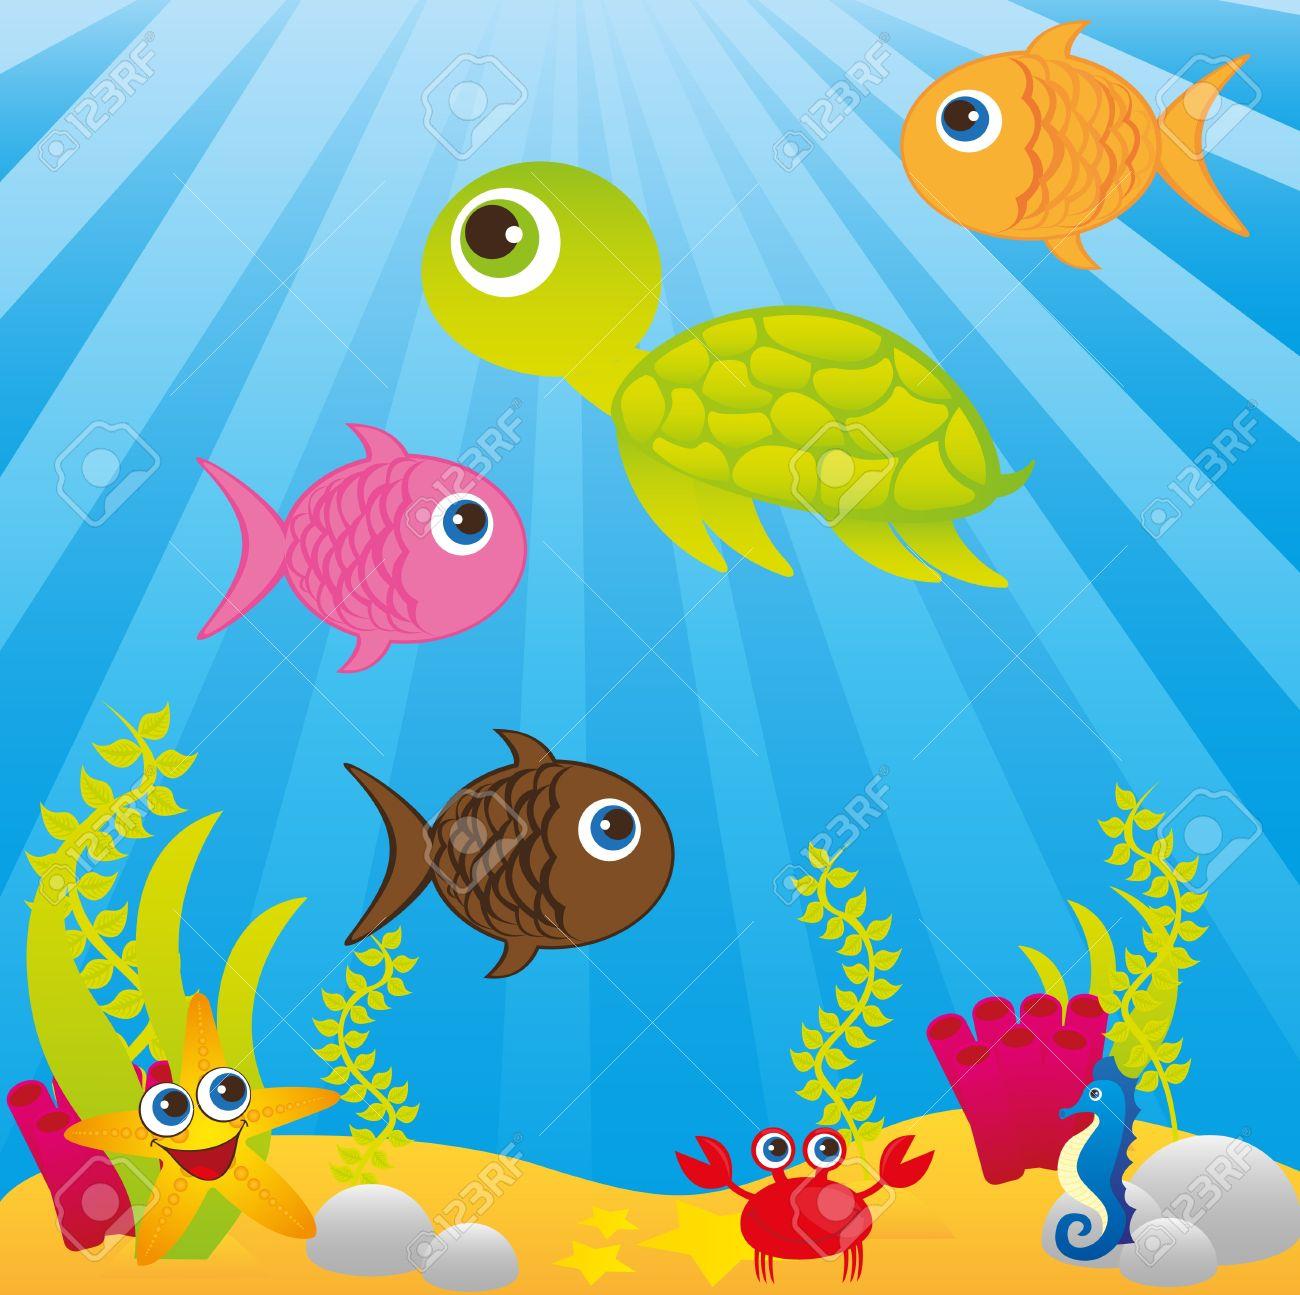 Dibujos Animados Fondo Del Mar Mar Con Dibujos Animados